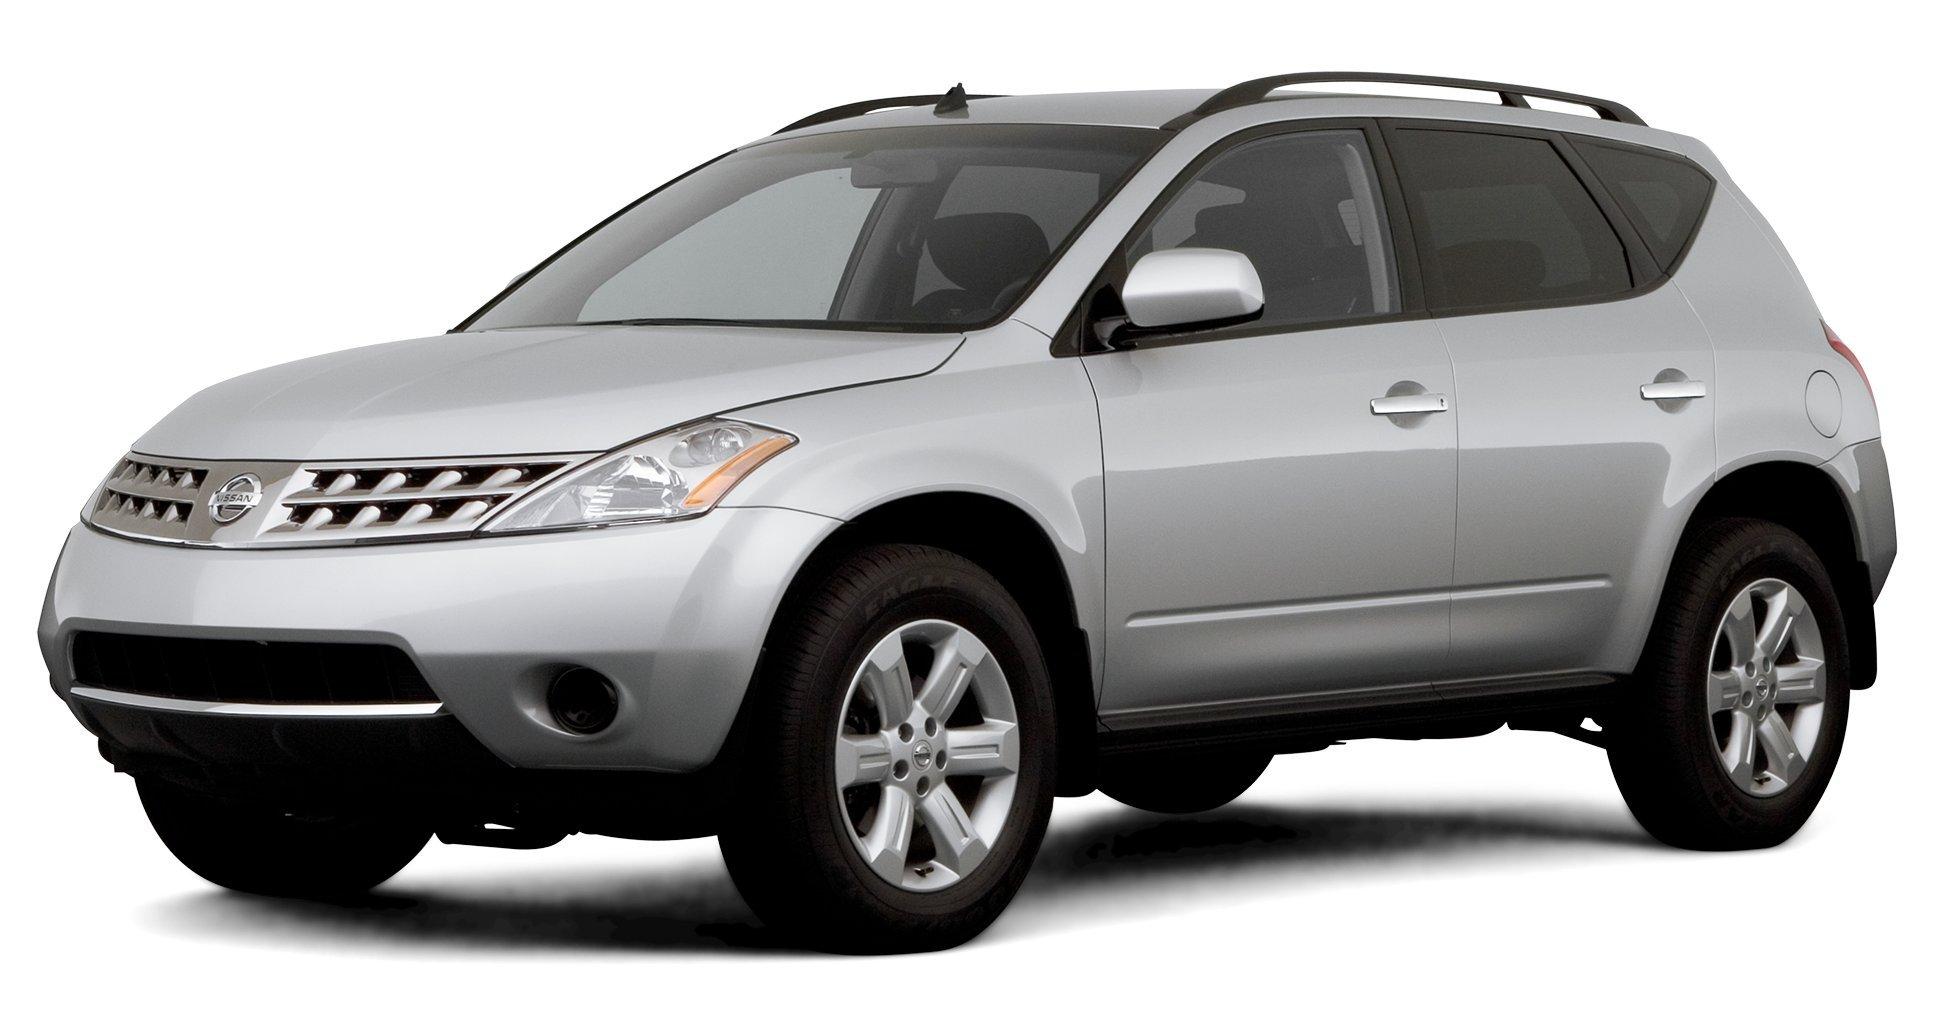 ... Turbo, 2007 Nissan Murano S, All Wheel Drive 4-Door ...